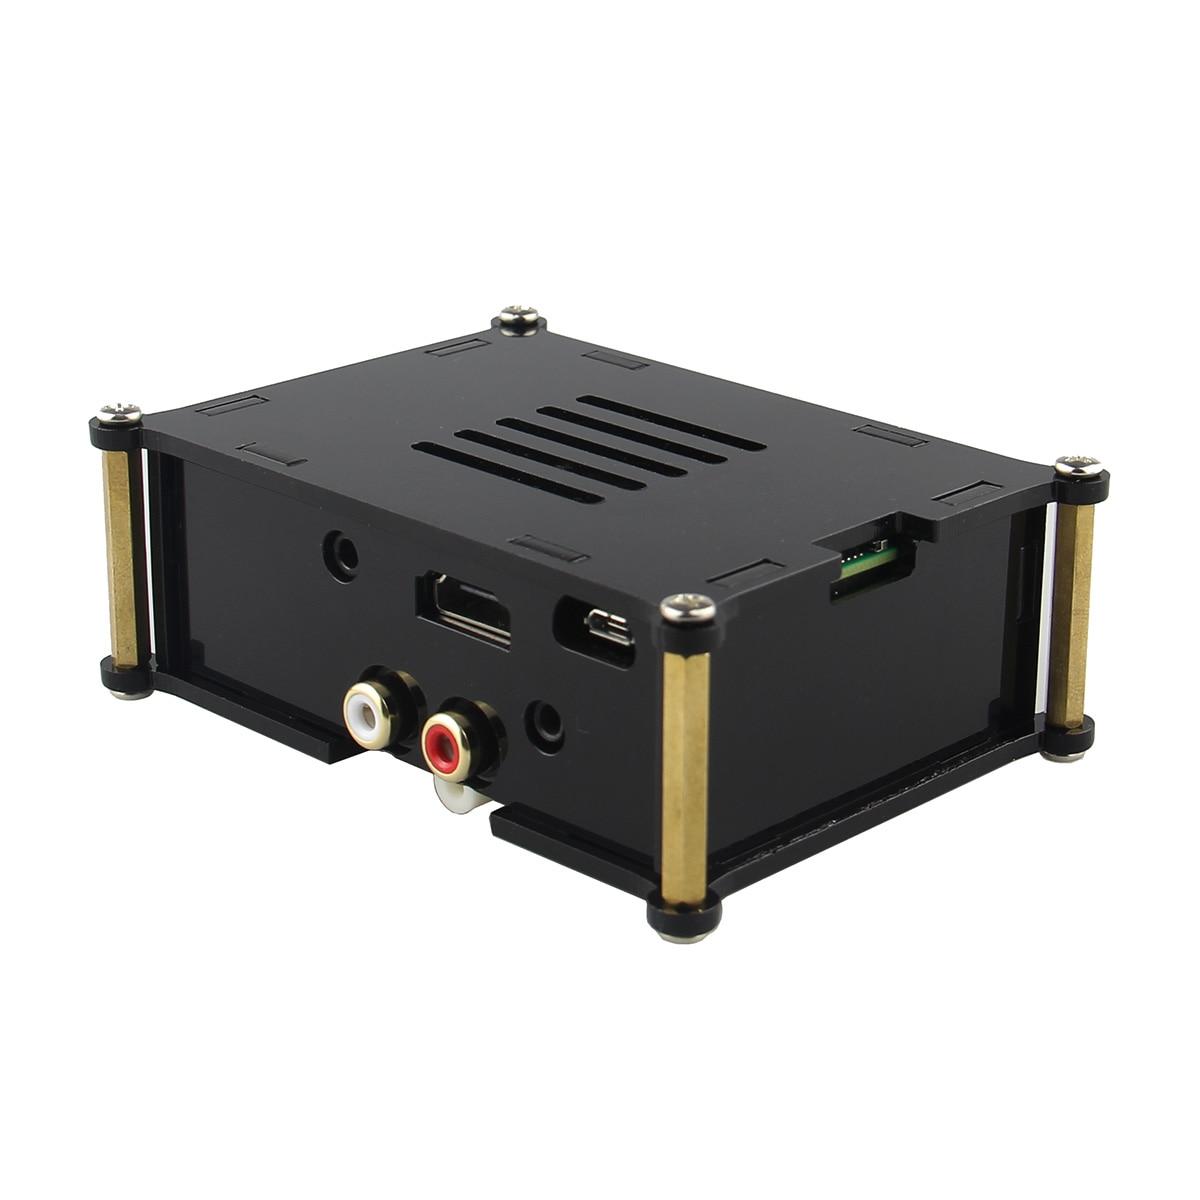 Leory PiFi HIFI Numérique Audio DAC Carte tableau en liège Avec Cas Volumio système Pour Raspberry Pi 2 Modèle B/ B +/A +